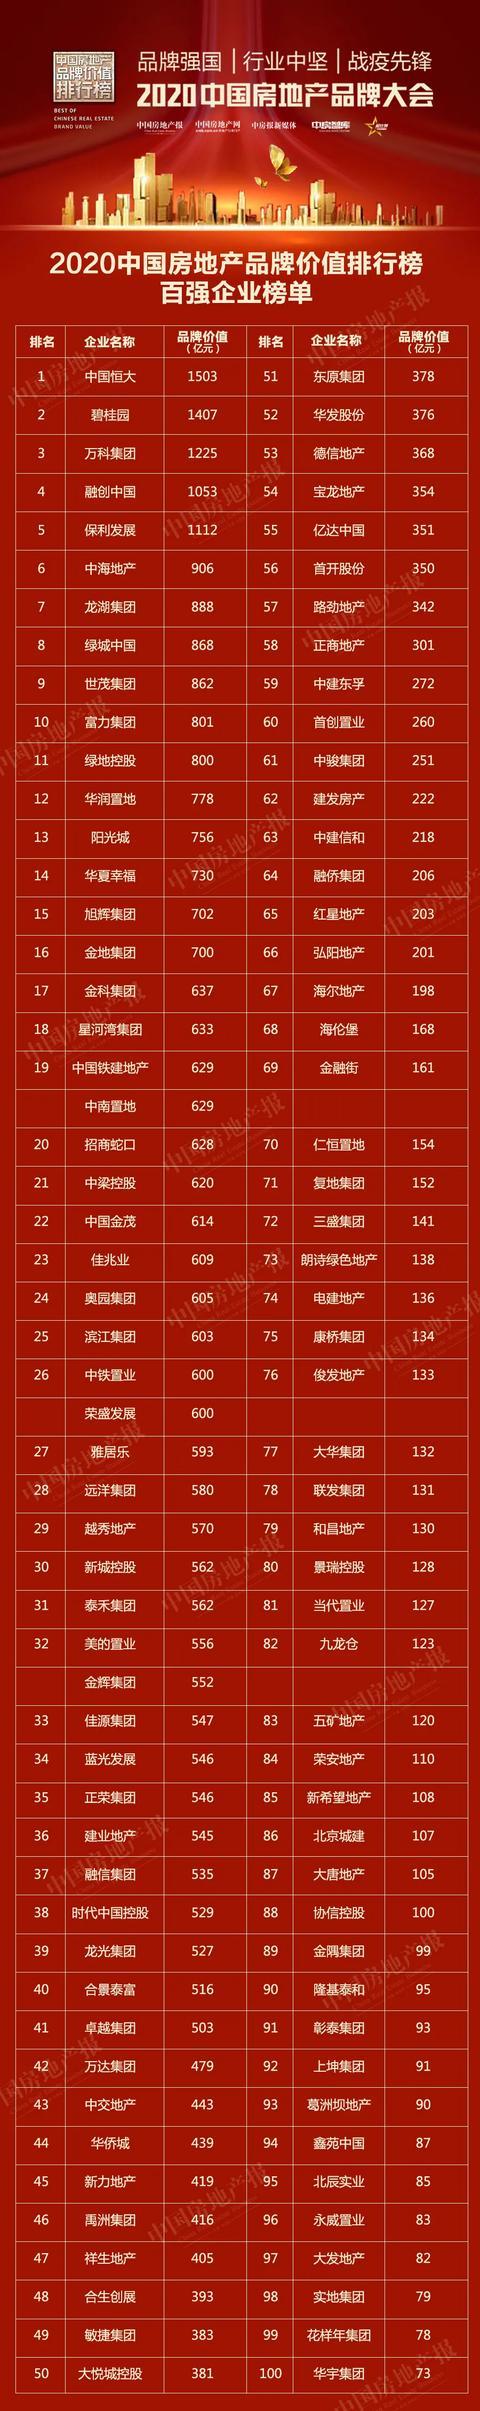 一场中国房地产行业的全新思考:国内大循环下要这么干